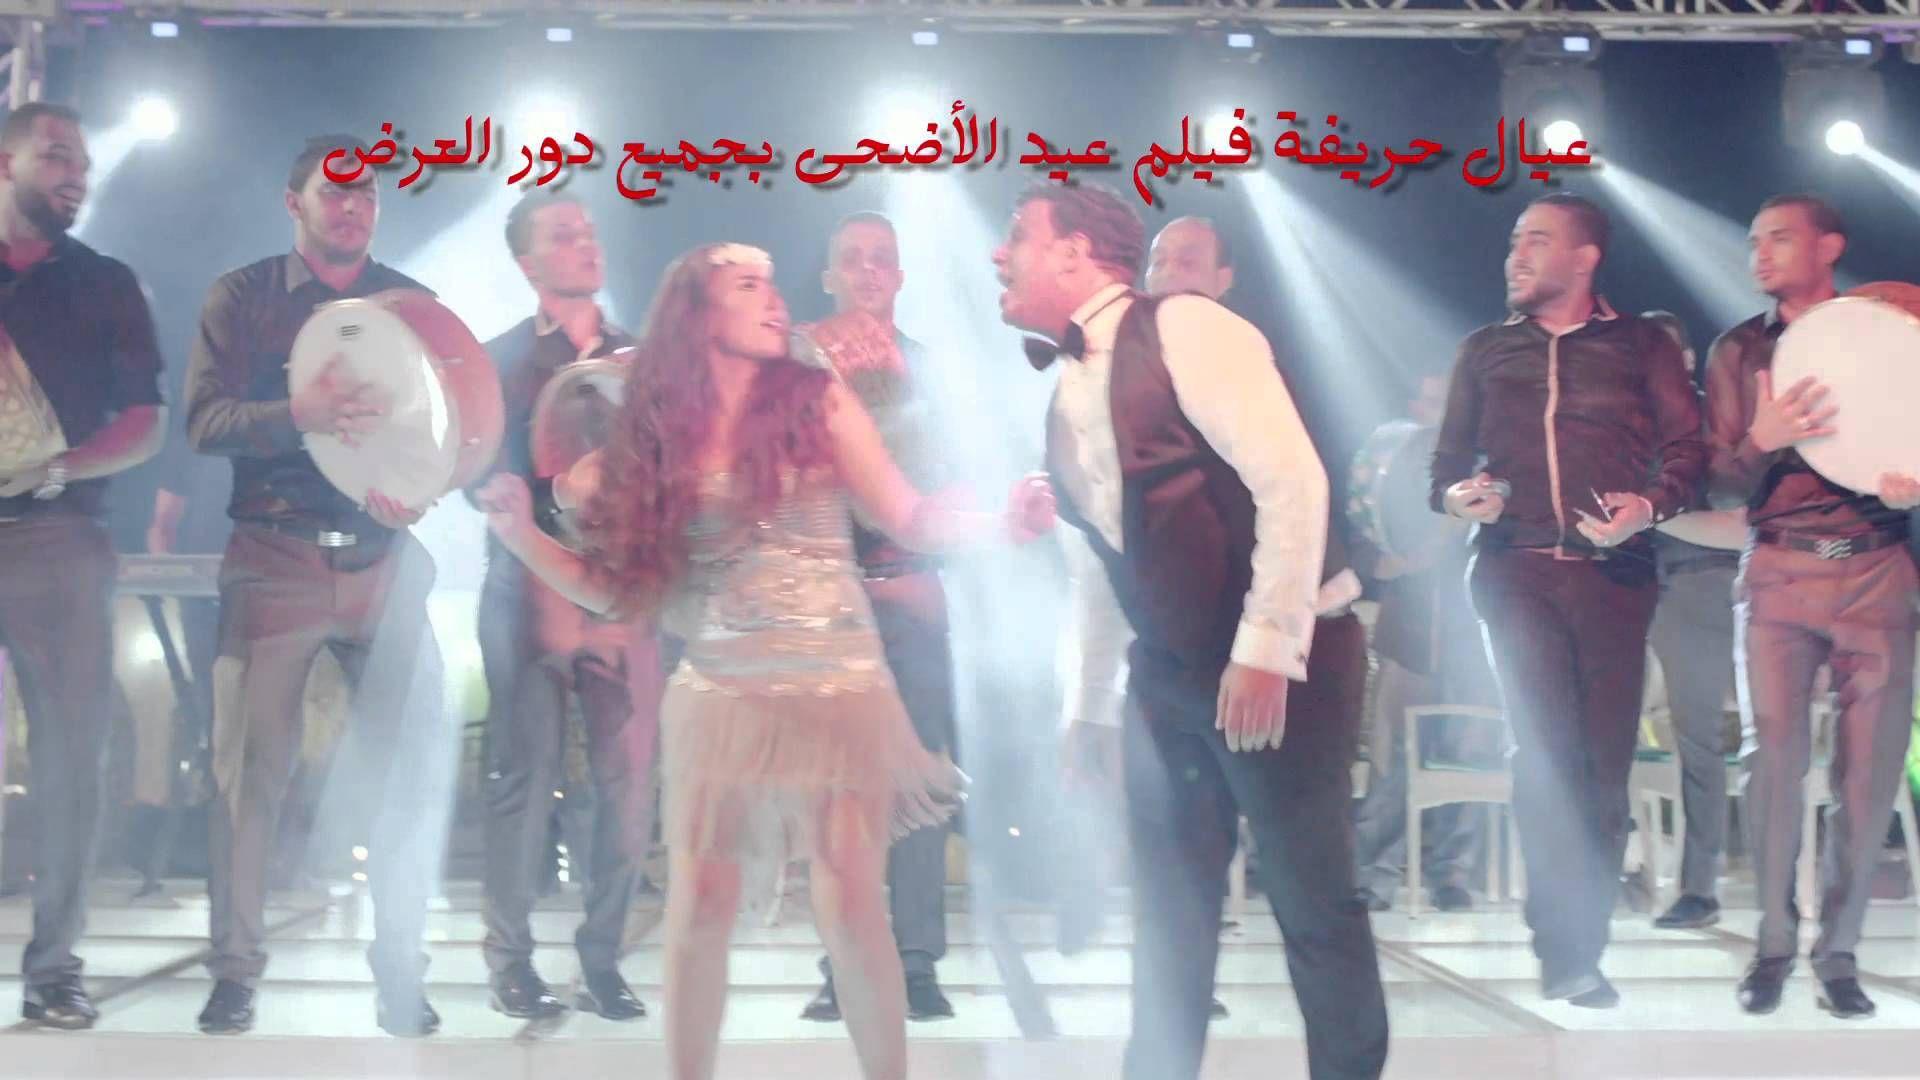 اغنية شطة نار محمود الليثى بوسي فيلم عيال حريفة فيلم عيد الا Concert Movie Posters Movies